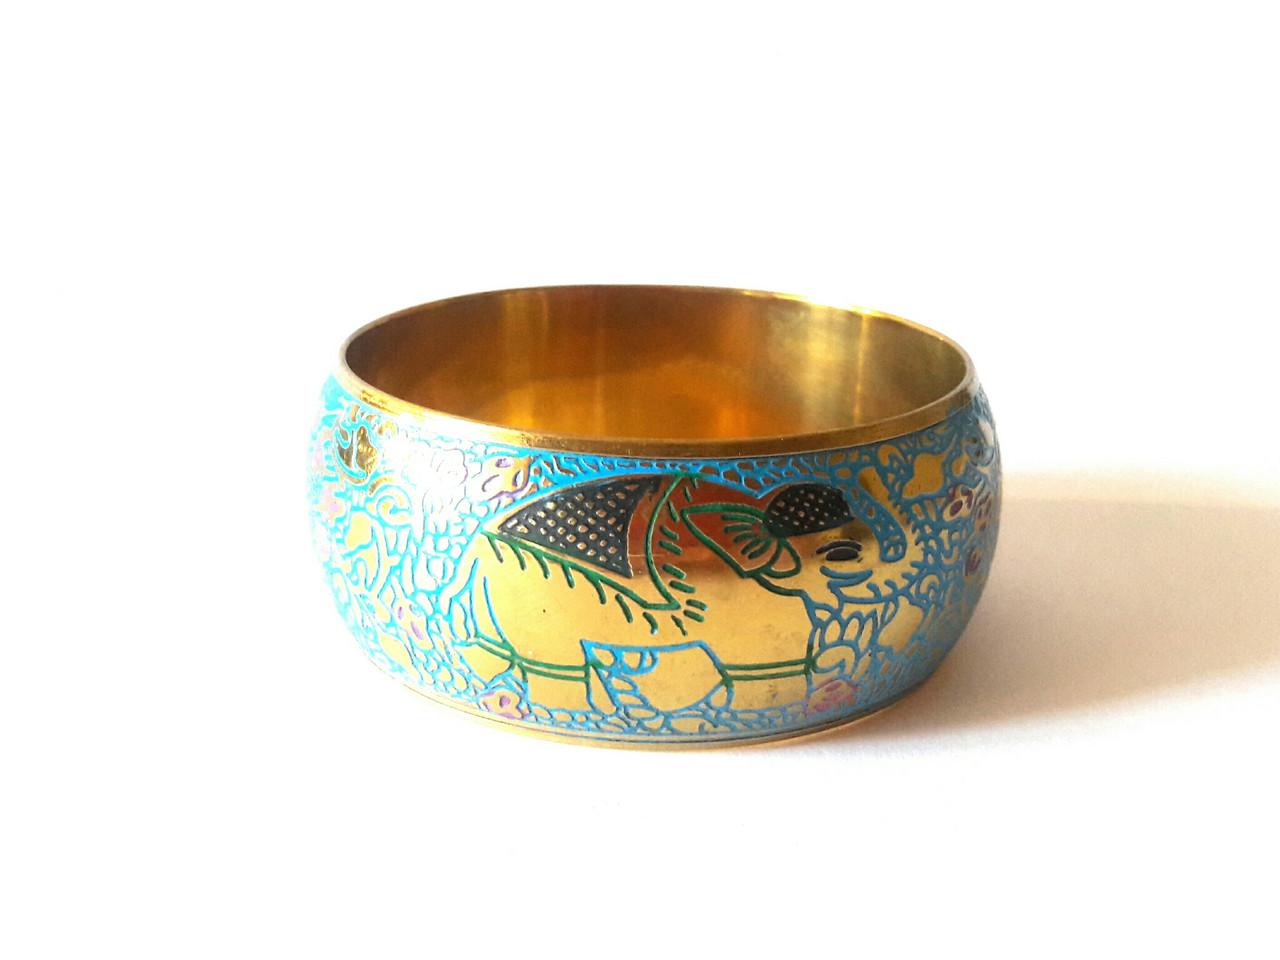 Браслет счастья и богатства Слоны. Расписной, синий с золотом, Индия